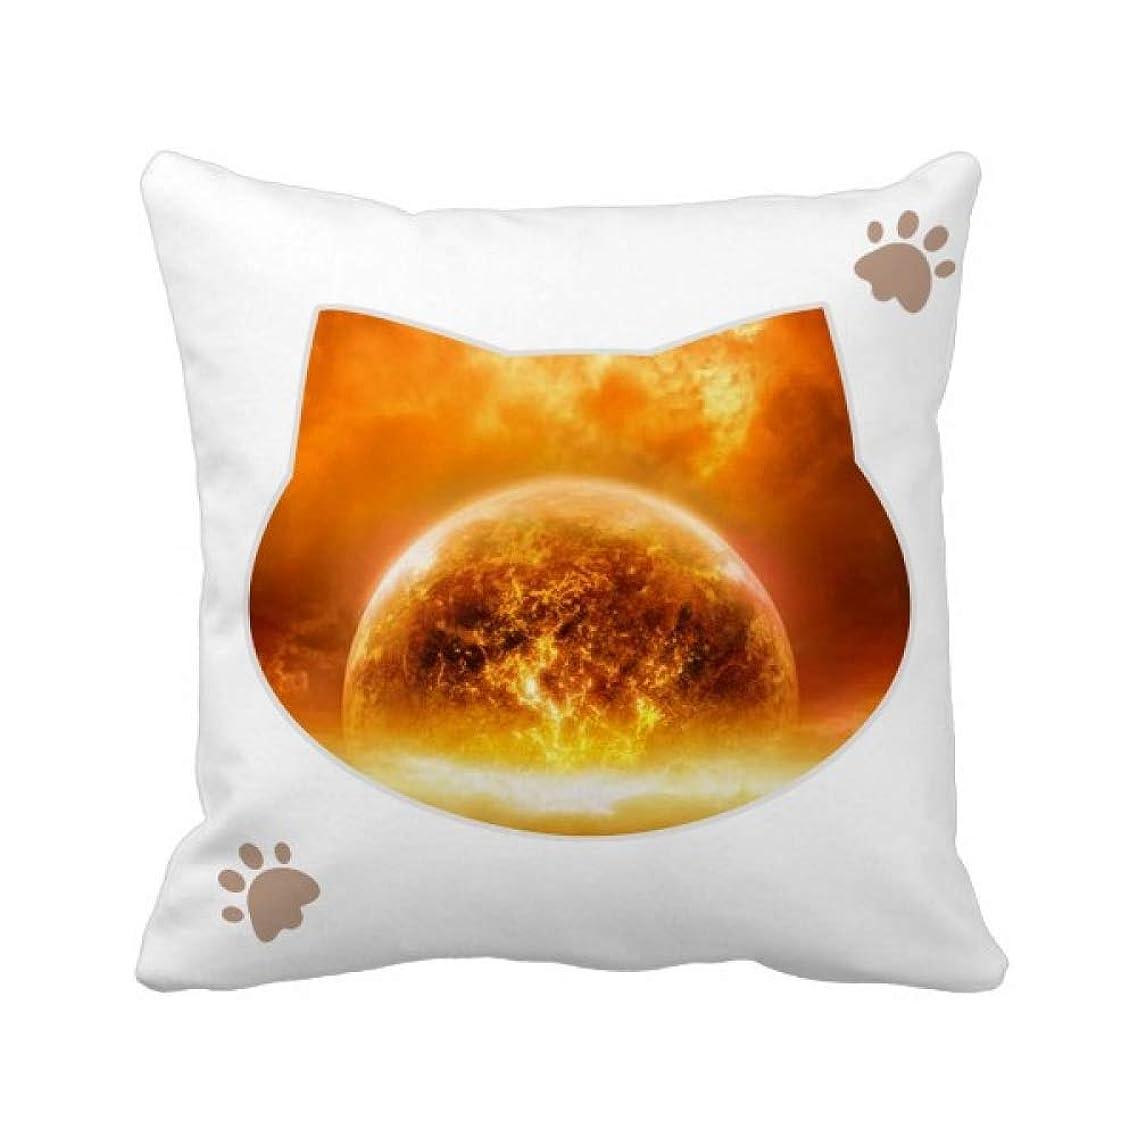 汚染されたヒープトリプル火炎燃焼パターンのような金色の赤い惑星 枕カバーを放り投げる猫広場 50cm x 50cm